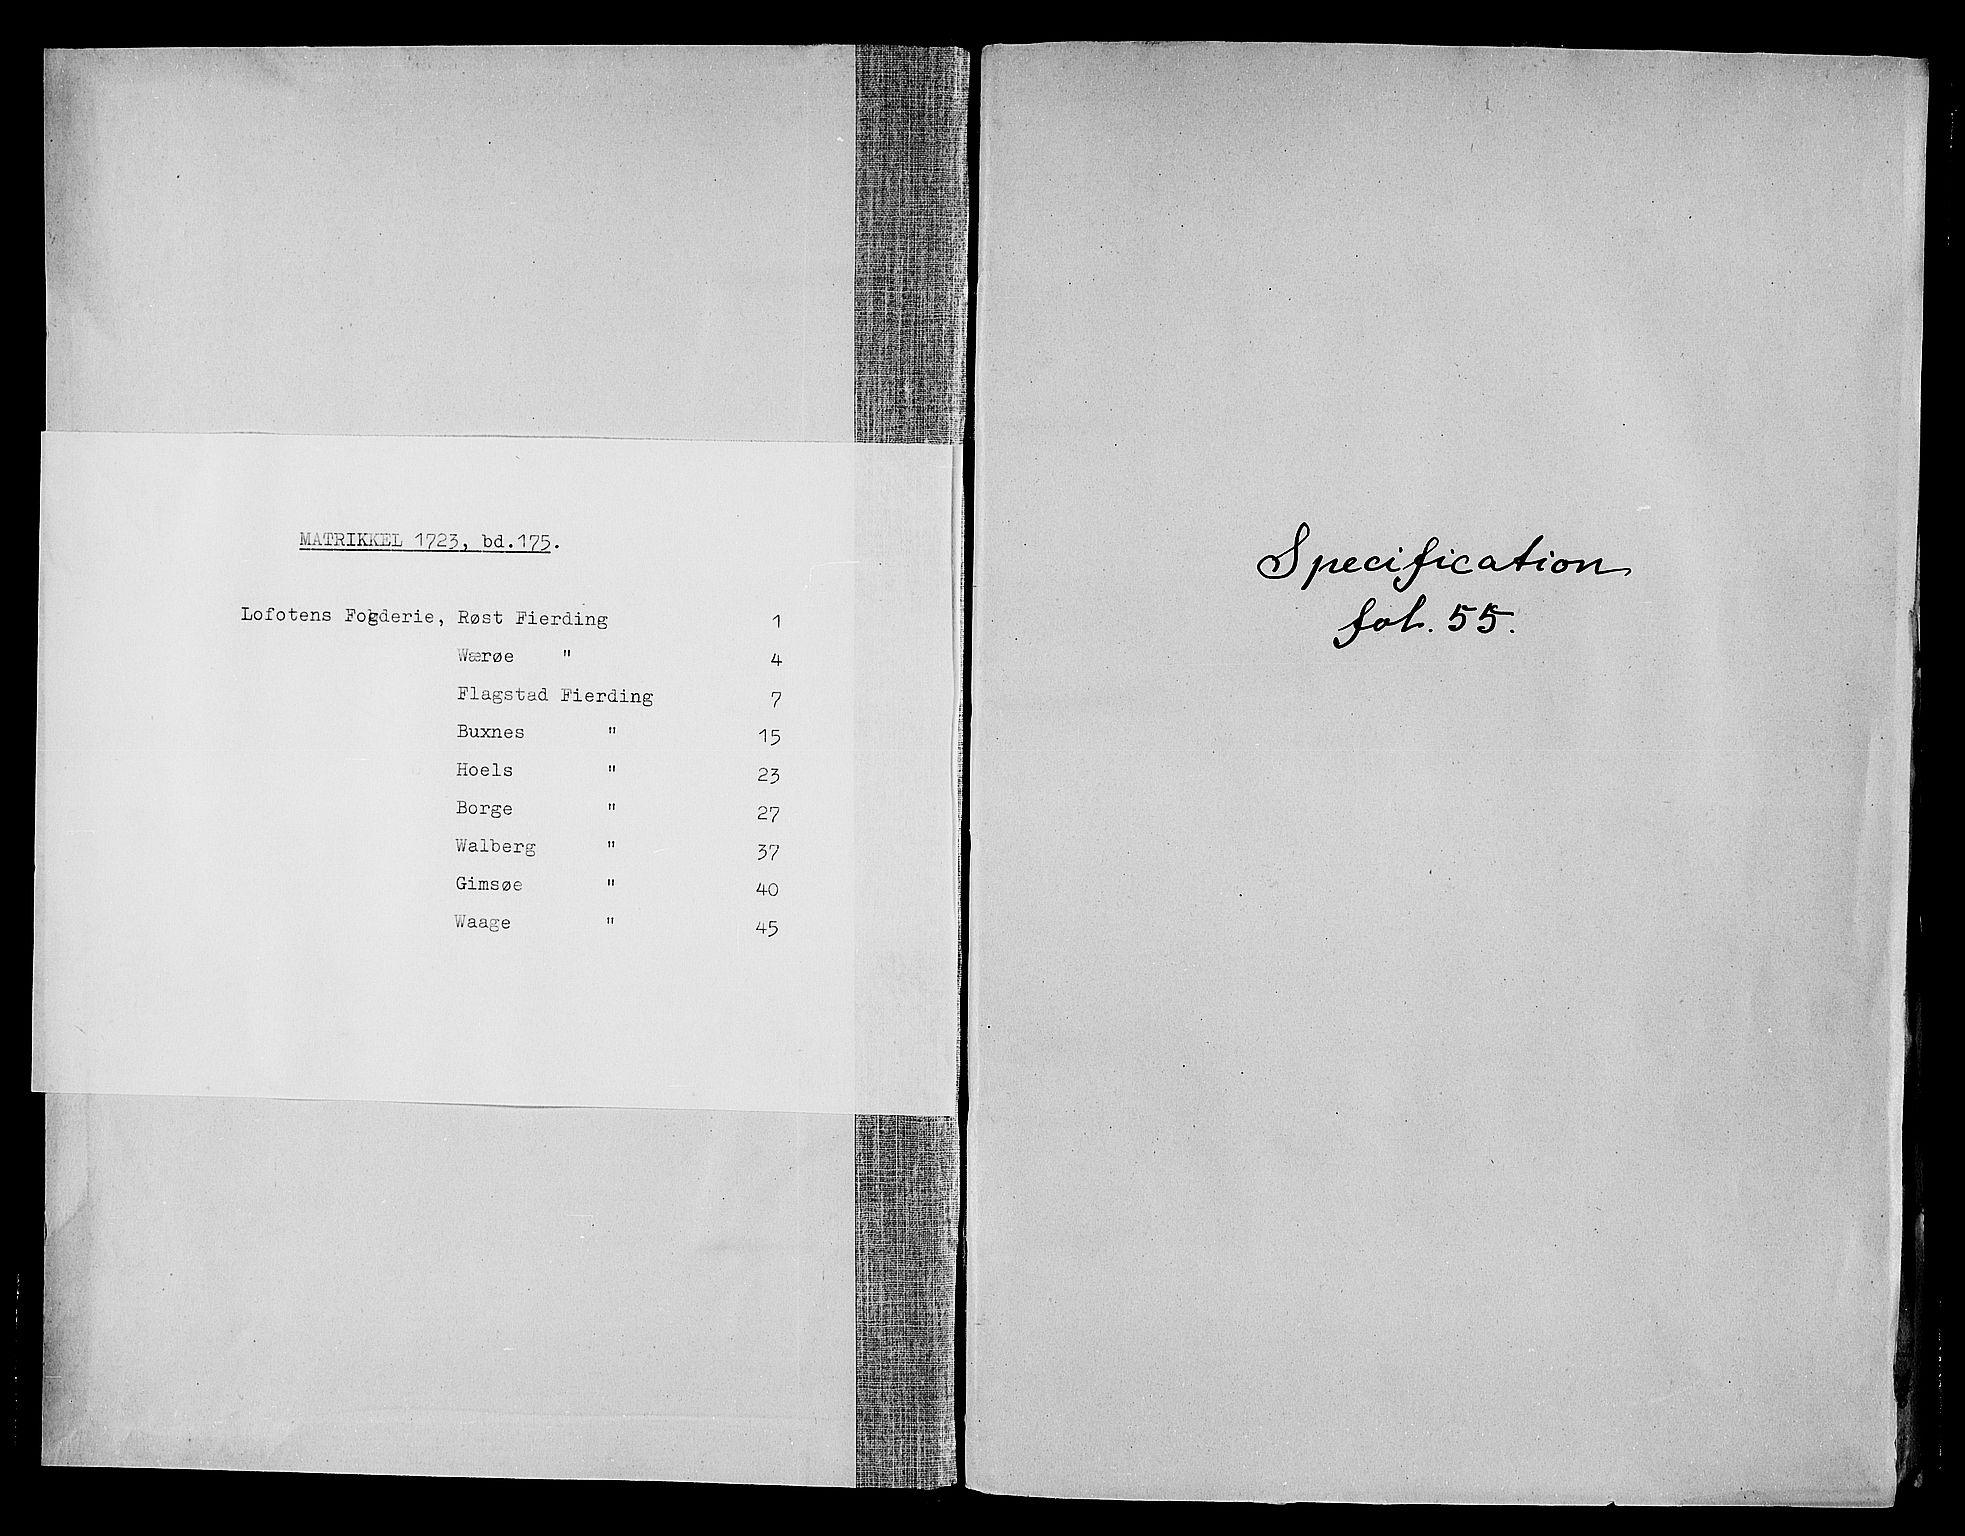 RA, Rentekammeret inntil 1814, Realistisk ordnet avdeling, N/Nb/Nbf/L0175: Lofoten matrikkelprotokoll, 1723, s. upaginert